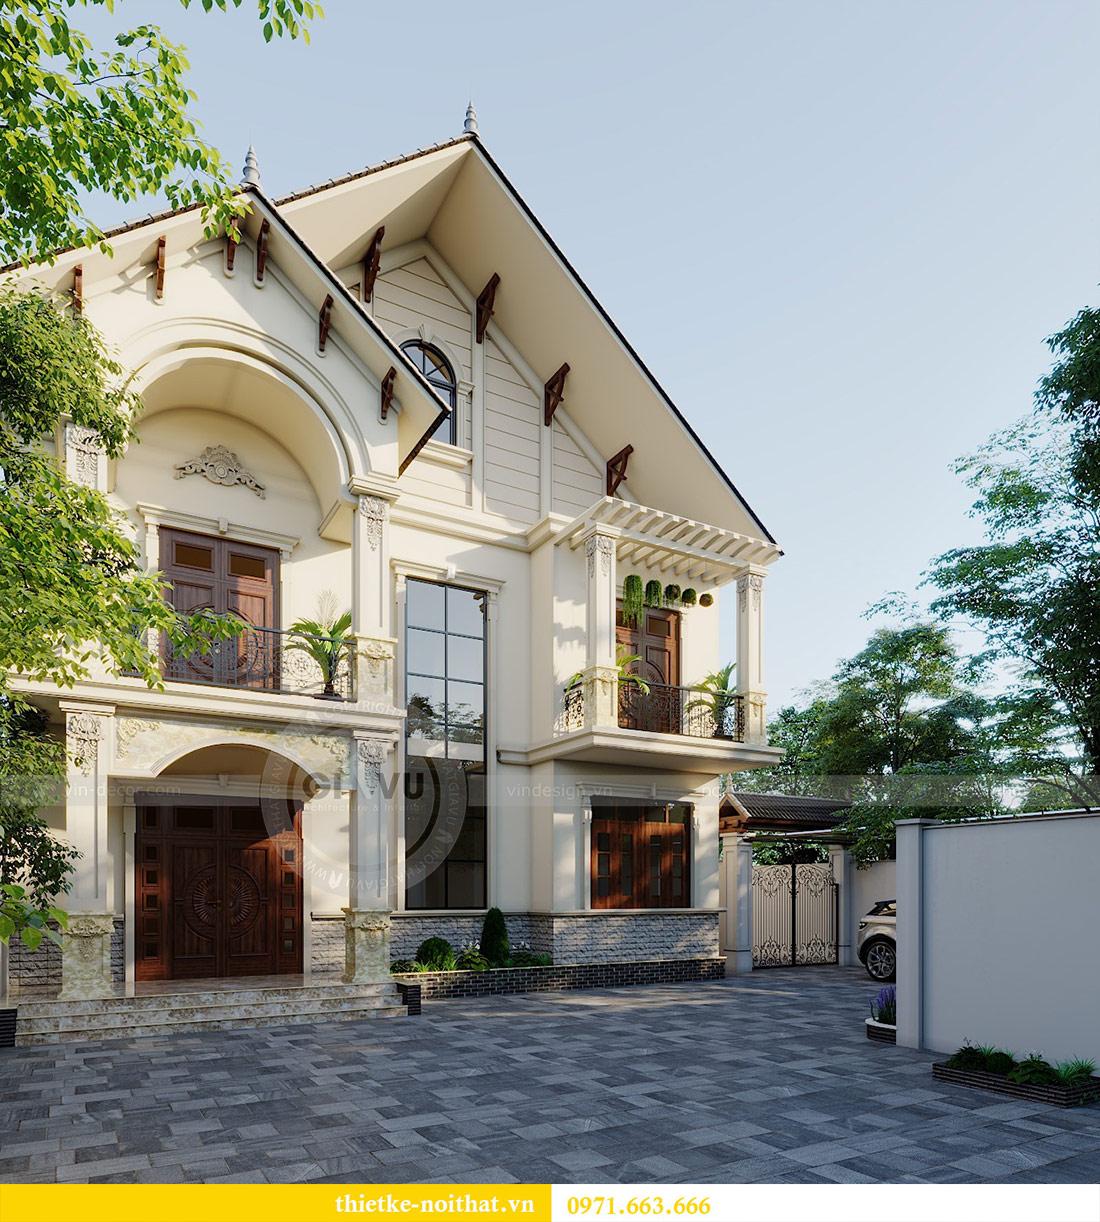 Thiết kế kiến trúc biệt thự An Dương Tây Hồ nhà chú Đức 2